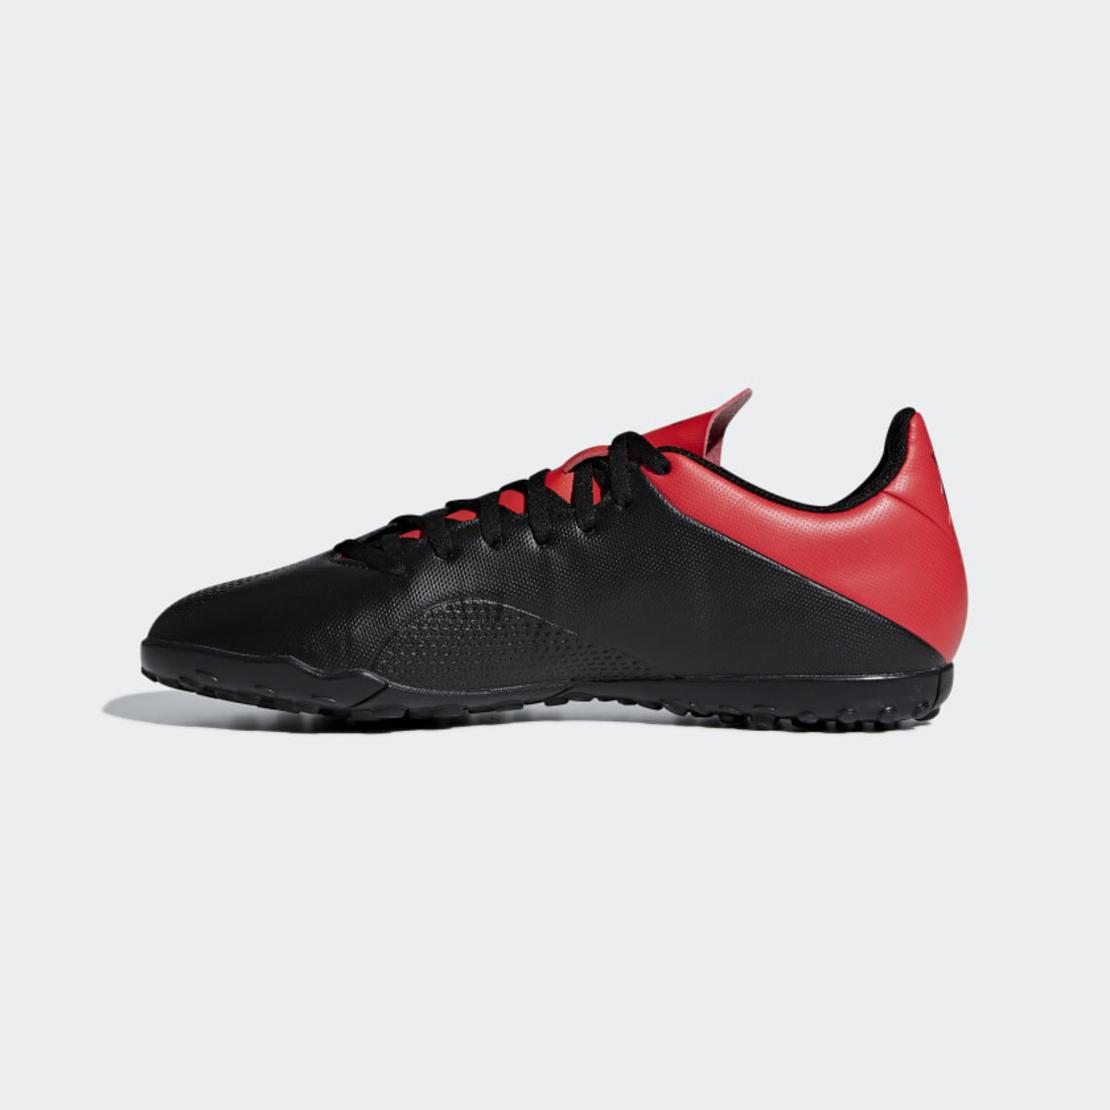 נעלי קטרגל לגברים ADIDAS X 18.4 TF MEN BB9412